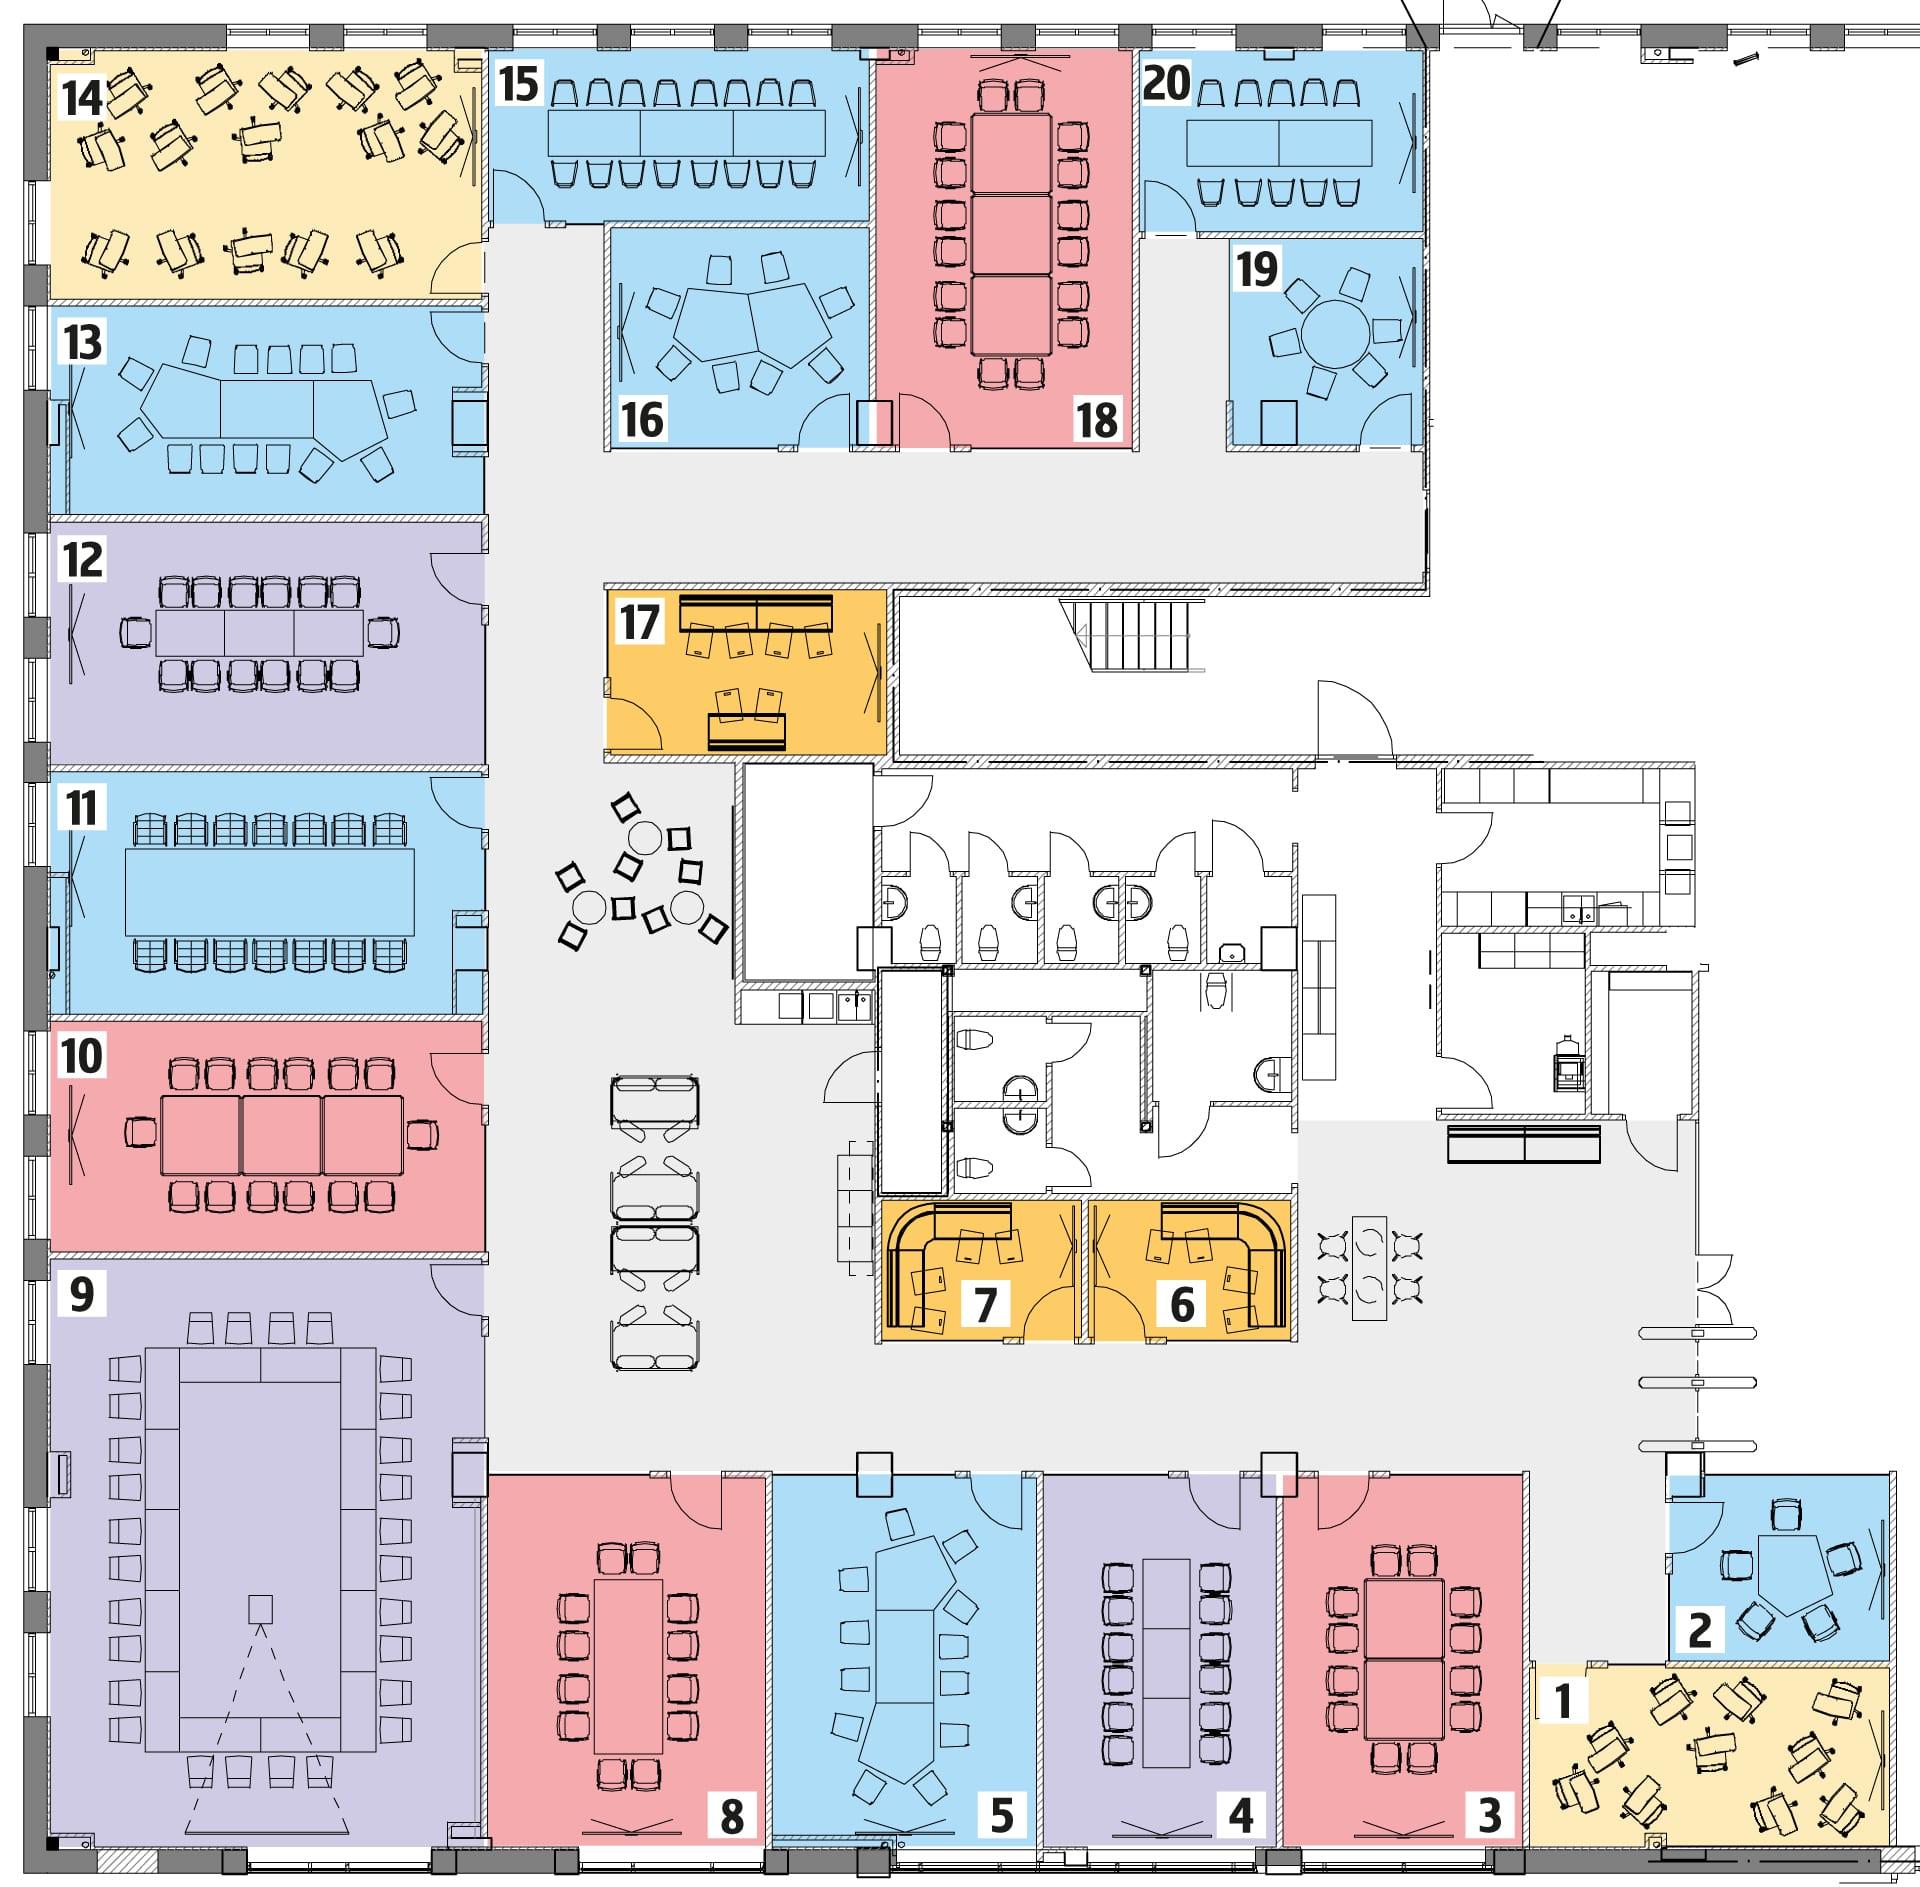 Planritning över konferensytan på plan 1, med rummen färgkodade efter dess olika typer av möblering.